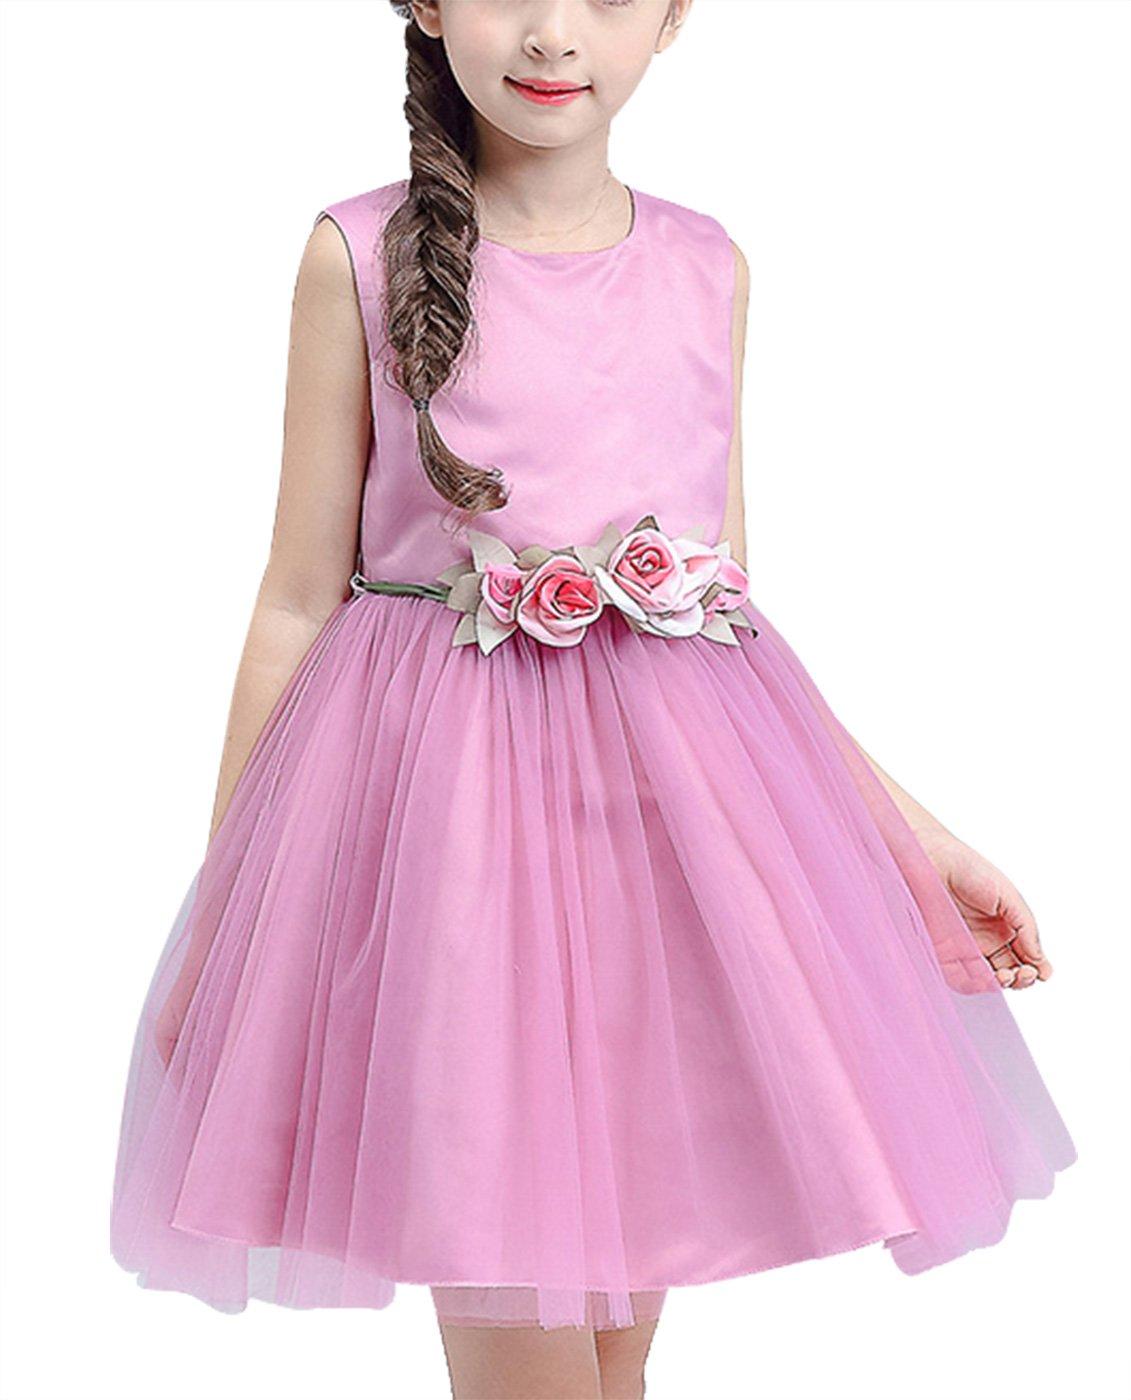 Feoya - Vestido de Flores Boda de Niñas Elegante Vestido de Princesa ...